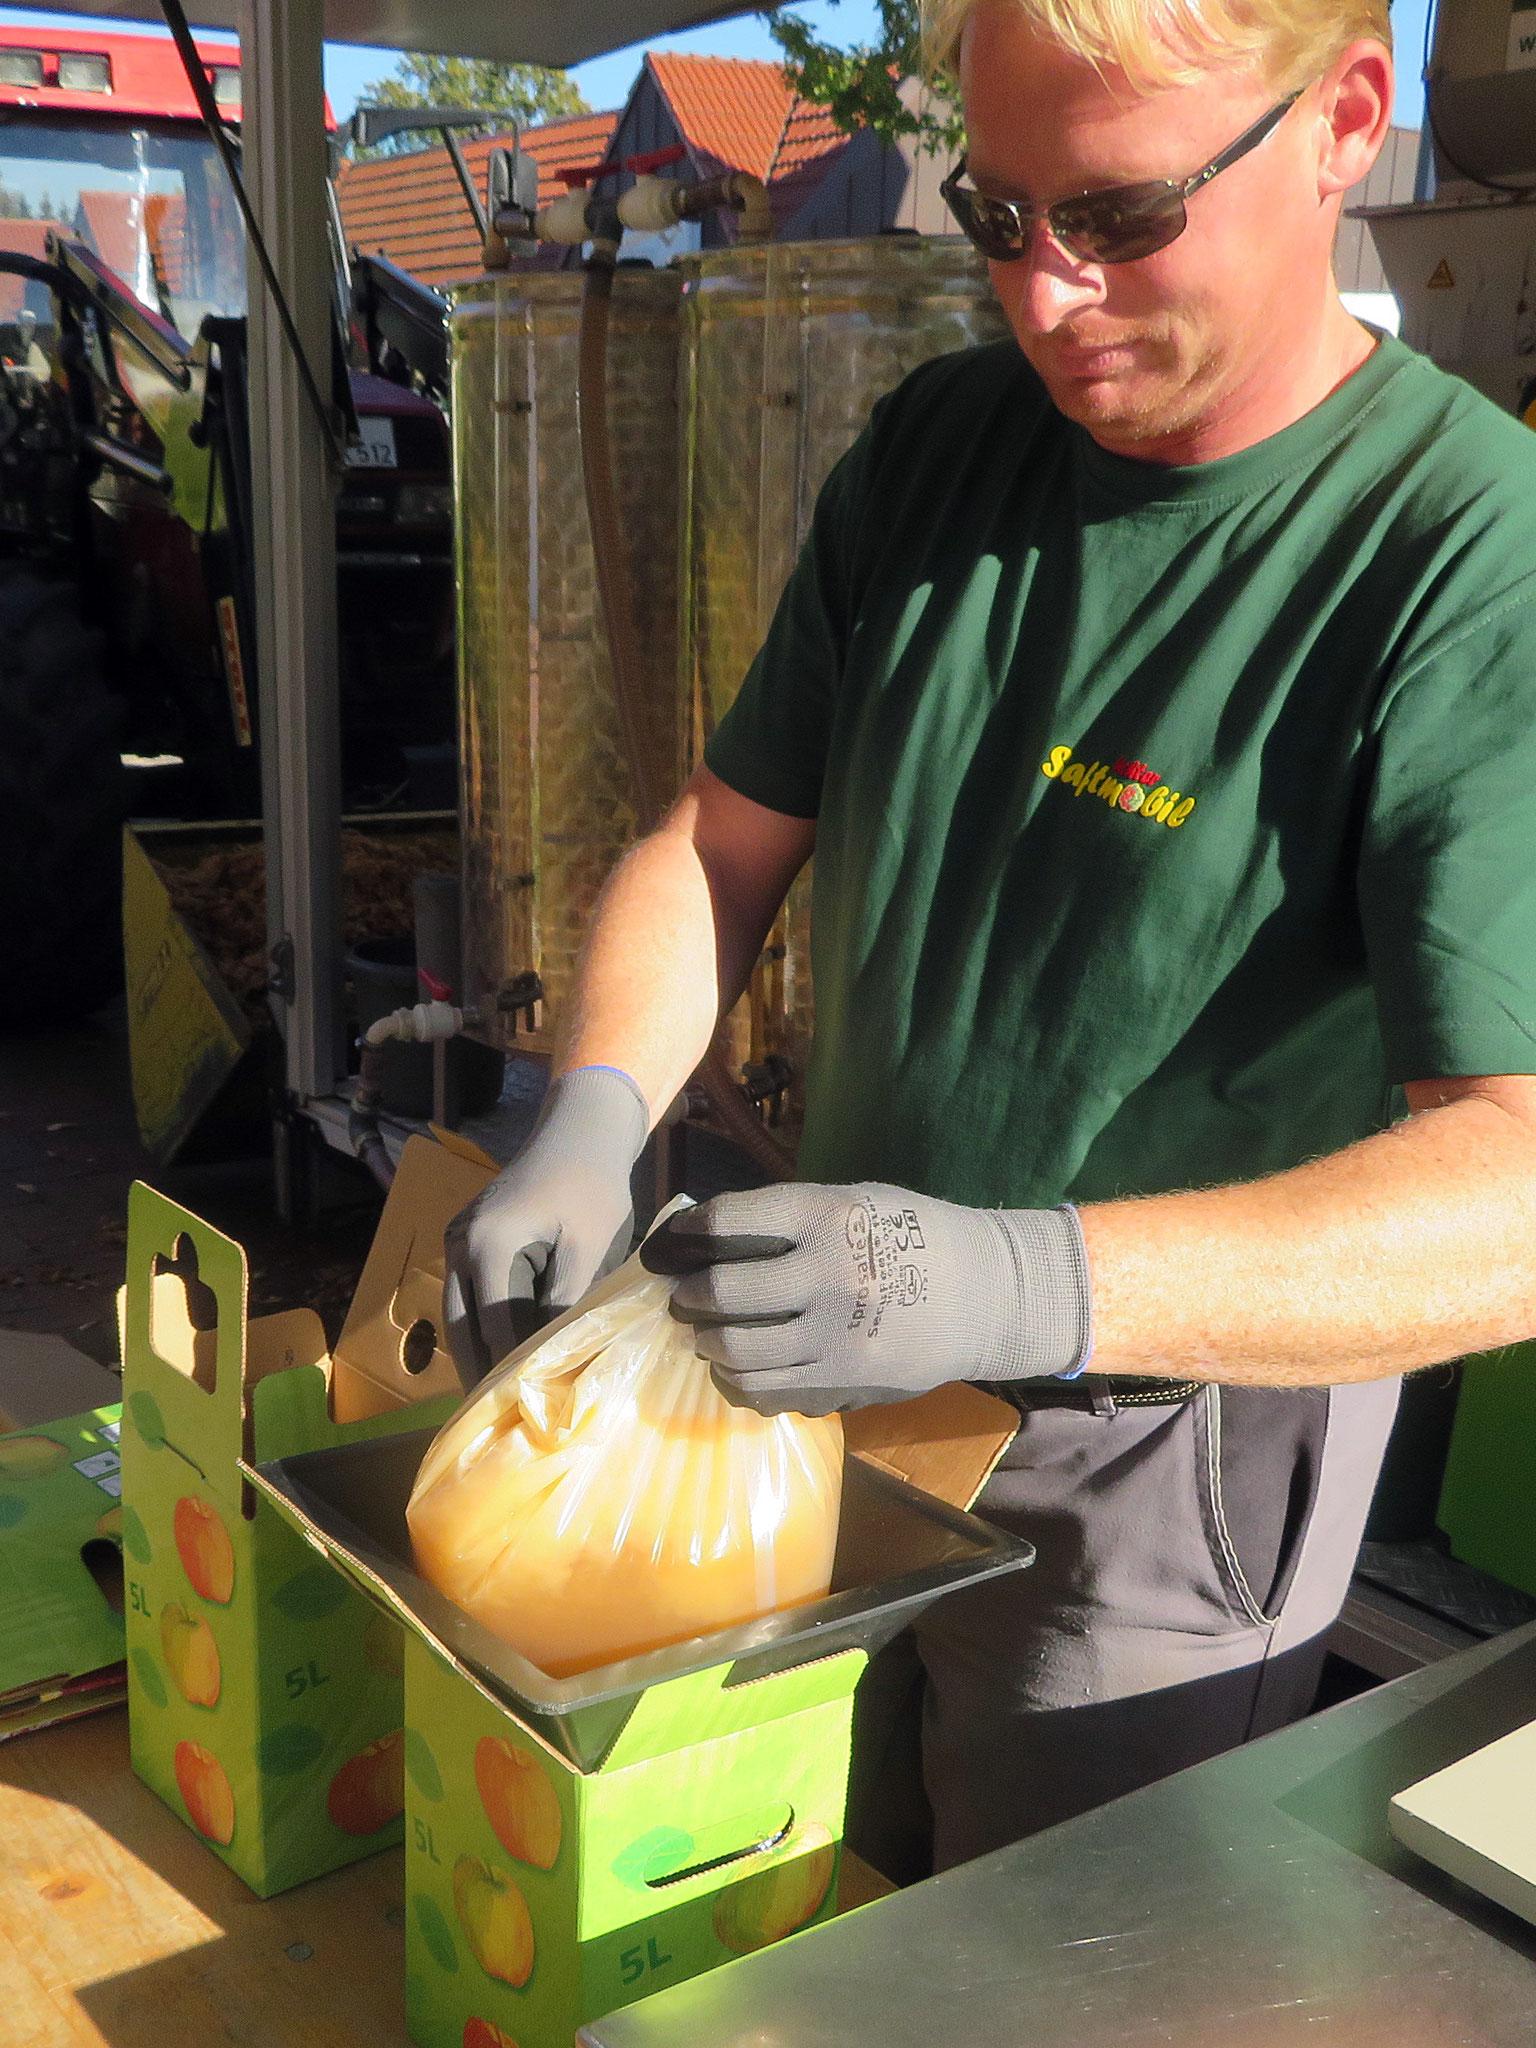 5-Liter-Beutel werden in Kartons verpackt